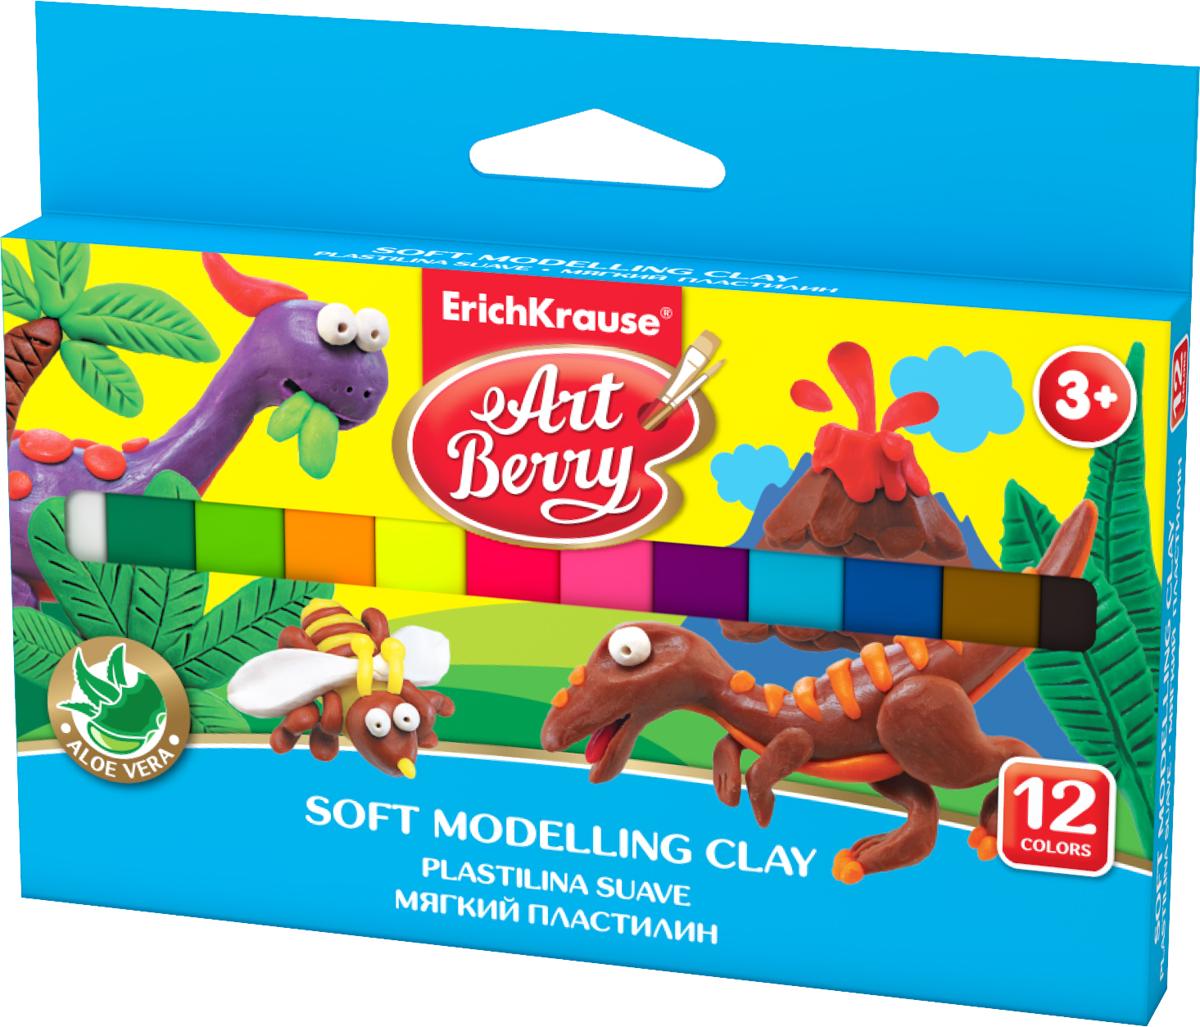 Erich Krause Пластилин мягкий Art Berry 12 цветов 4177941779Пластилин ArtBerry с Алоэ Вера станет прекрасным подарком для вашего ребенка. Мягкий пластилин изготовлен полностью из экологический материалов. Алоэ Вера и вазелиновое масло, входящие в состав пластилина, обладают бактерицидными свойствами и увлажняющим эффектом. Мягкий пластилин легко разминается руками, поэтому им будет удобно изготавливать даже самые маленькие предметы. Не застывает на воздухе. Основу мягкого пластилина составляет кукурузный крахмал высокого качества, без содержания глютена. В упаковке 12 видов пластилина разных цветов. <br